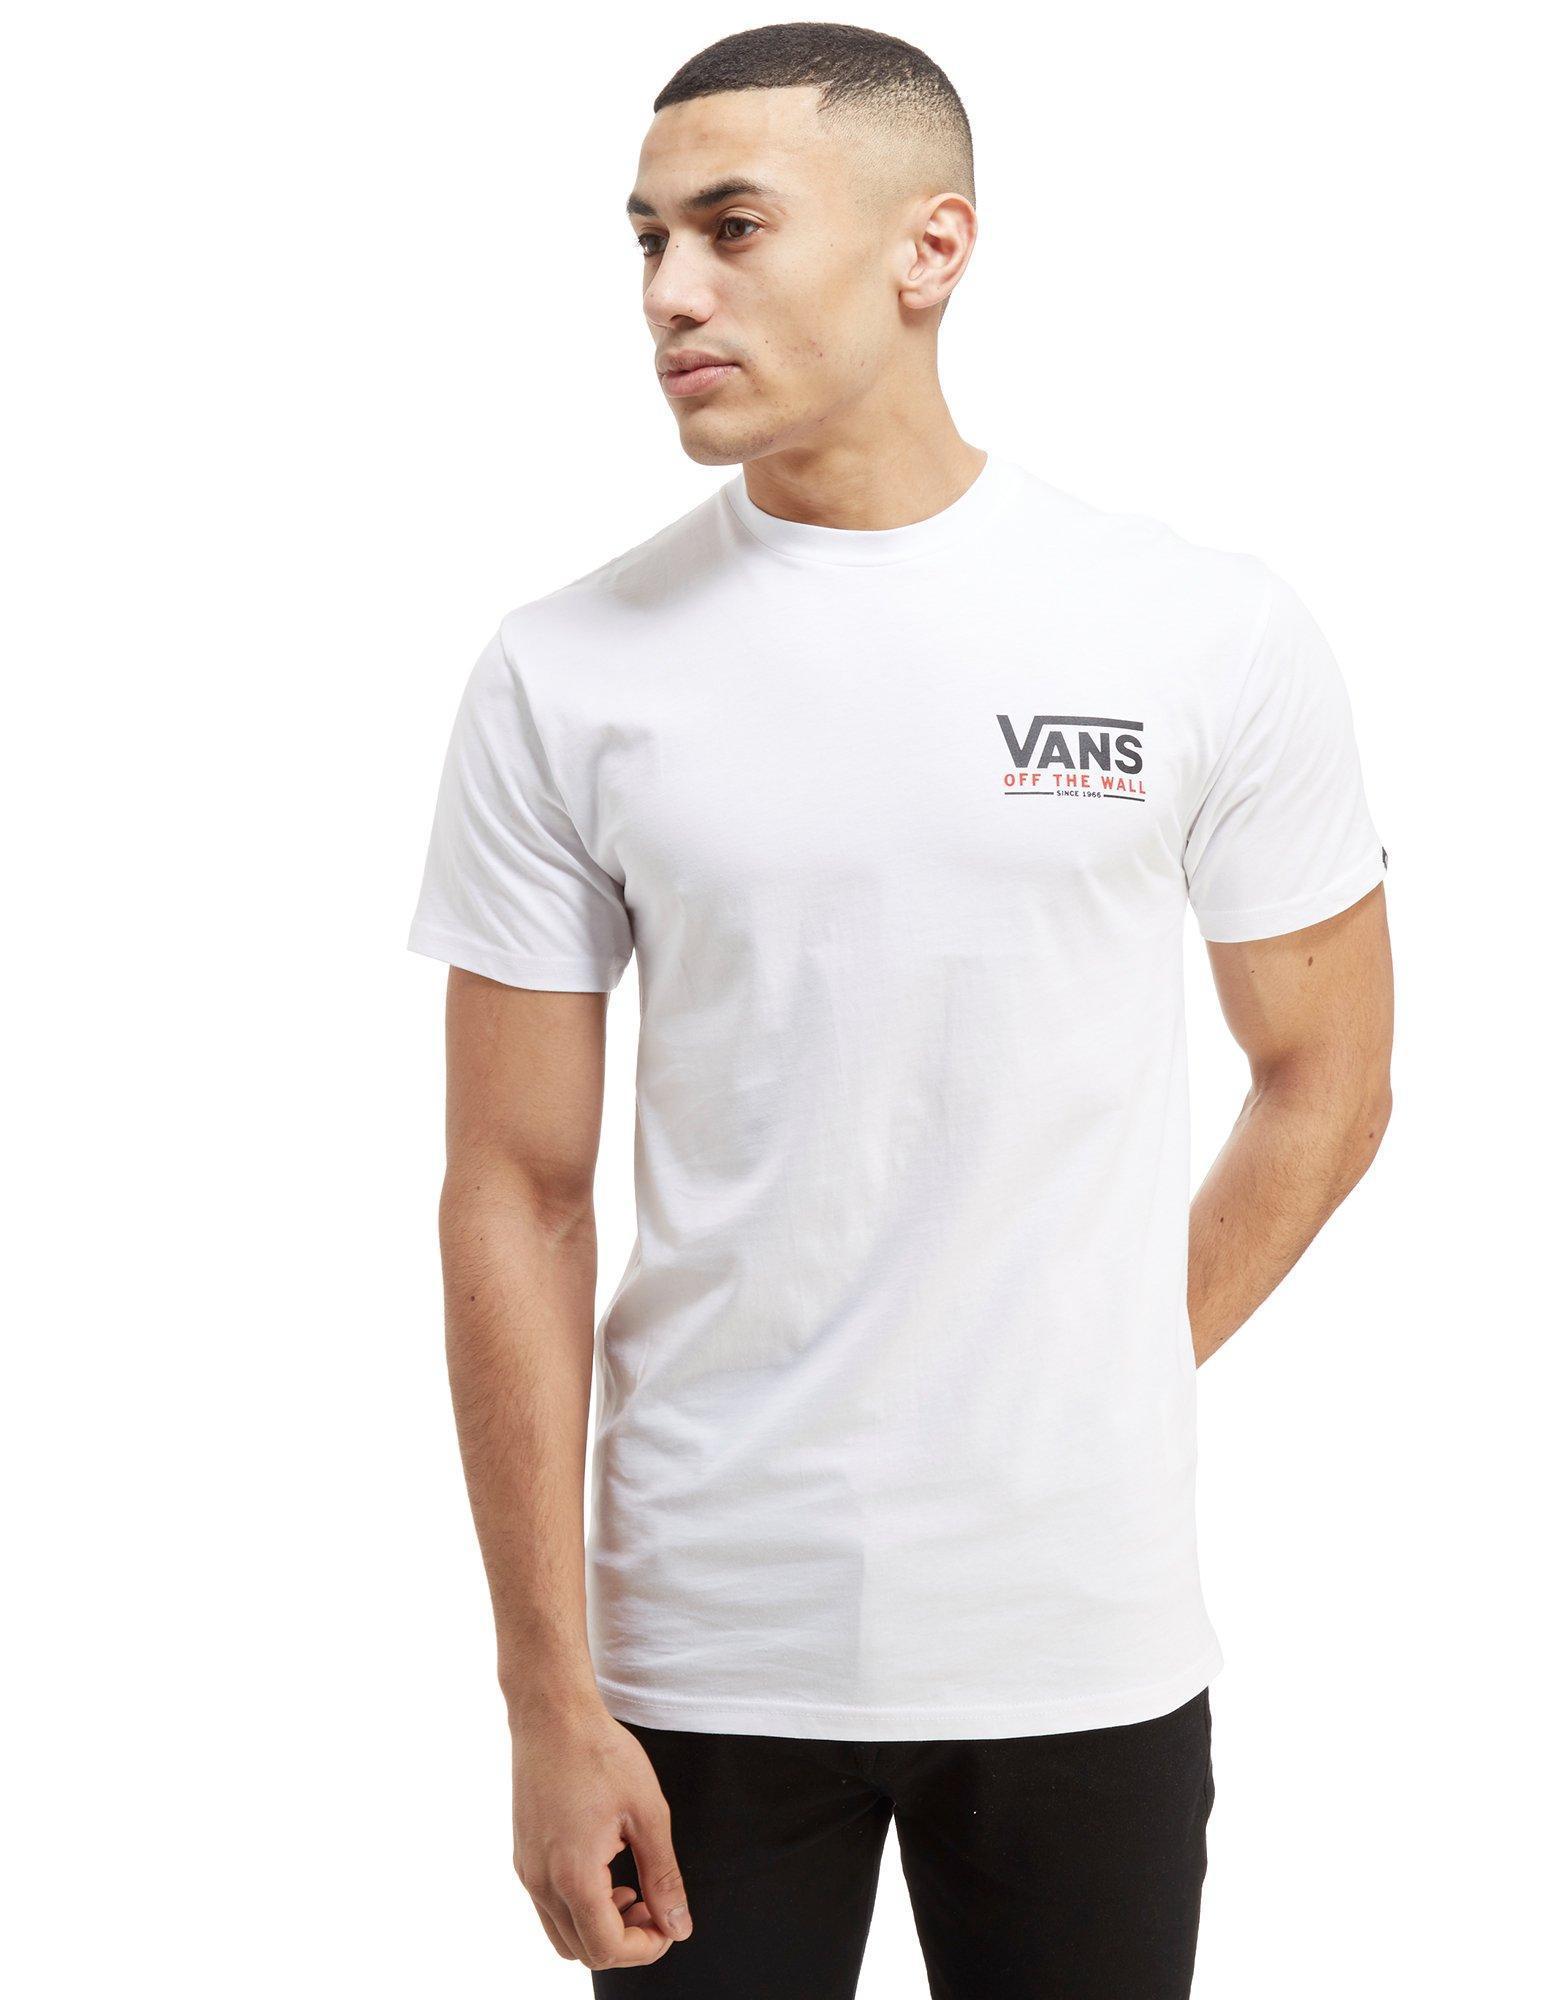 87d058e98c91e1 Vans Carter T-shirt in White for Men - Lyst